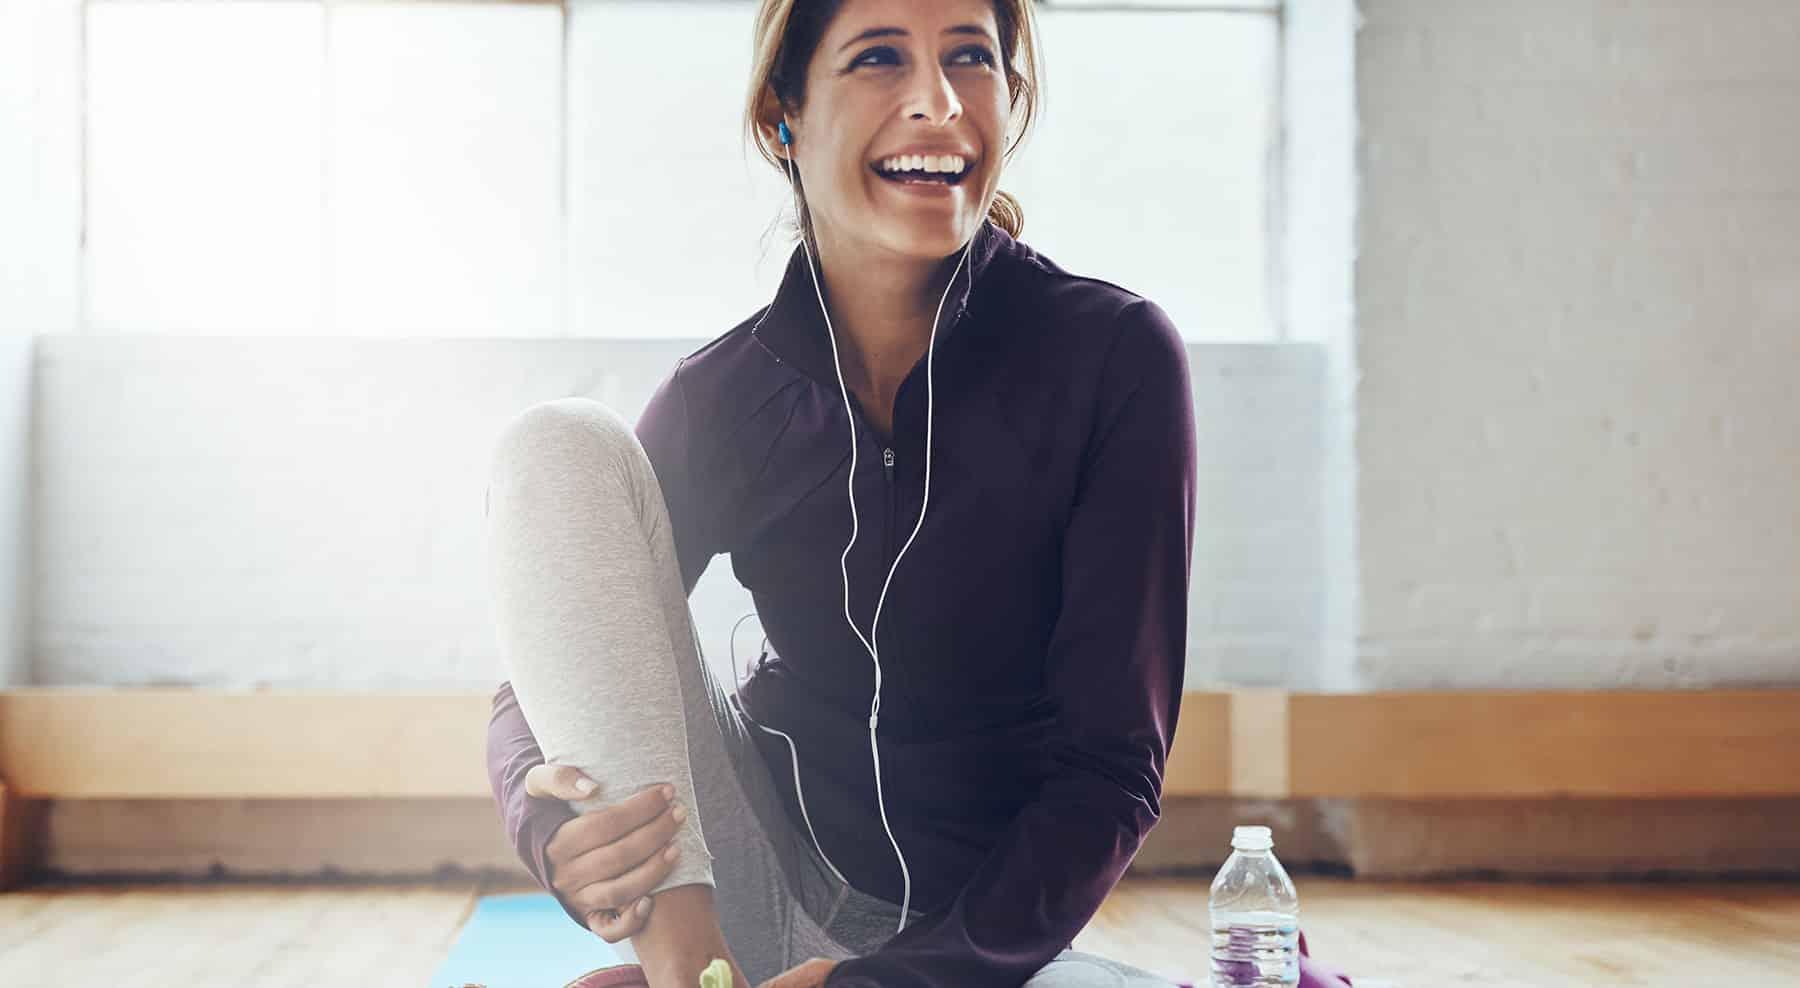 activa-tu-dieta-actifemme-adelgazar-perder-peso-dieta-drenante